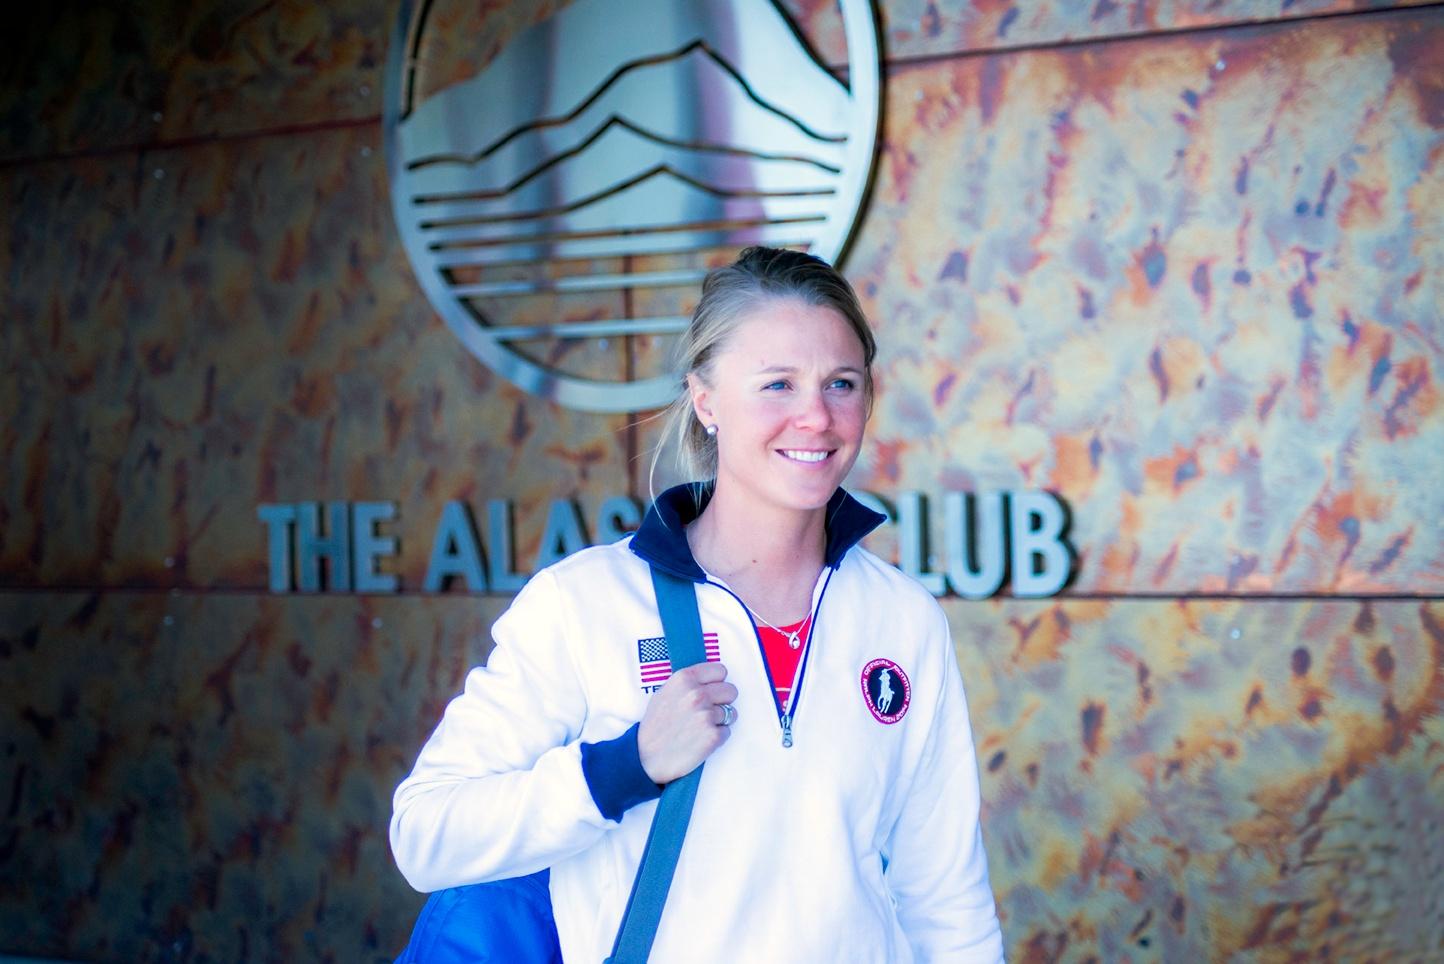 AK Club_98-1